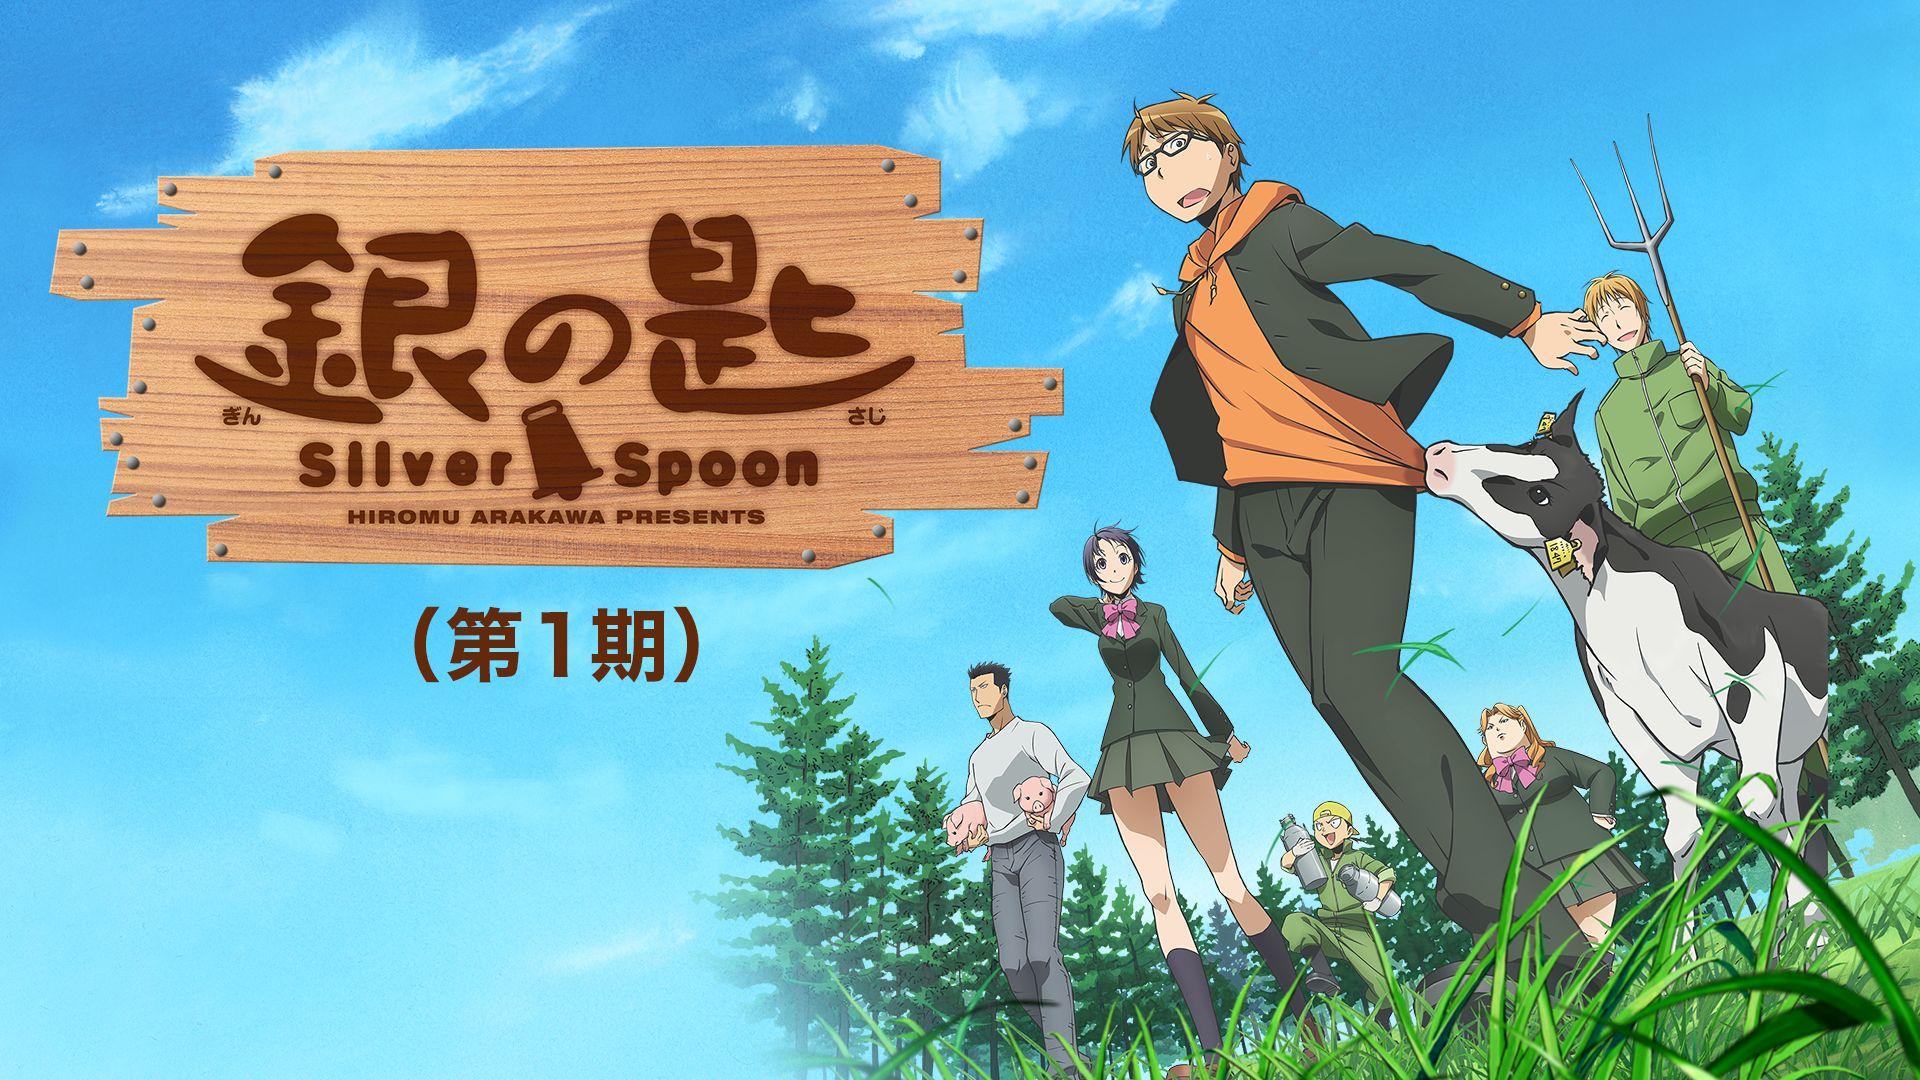 銀の匙 Silver Spoon(第1期)